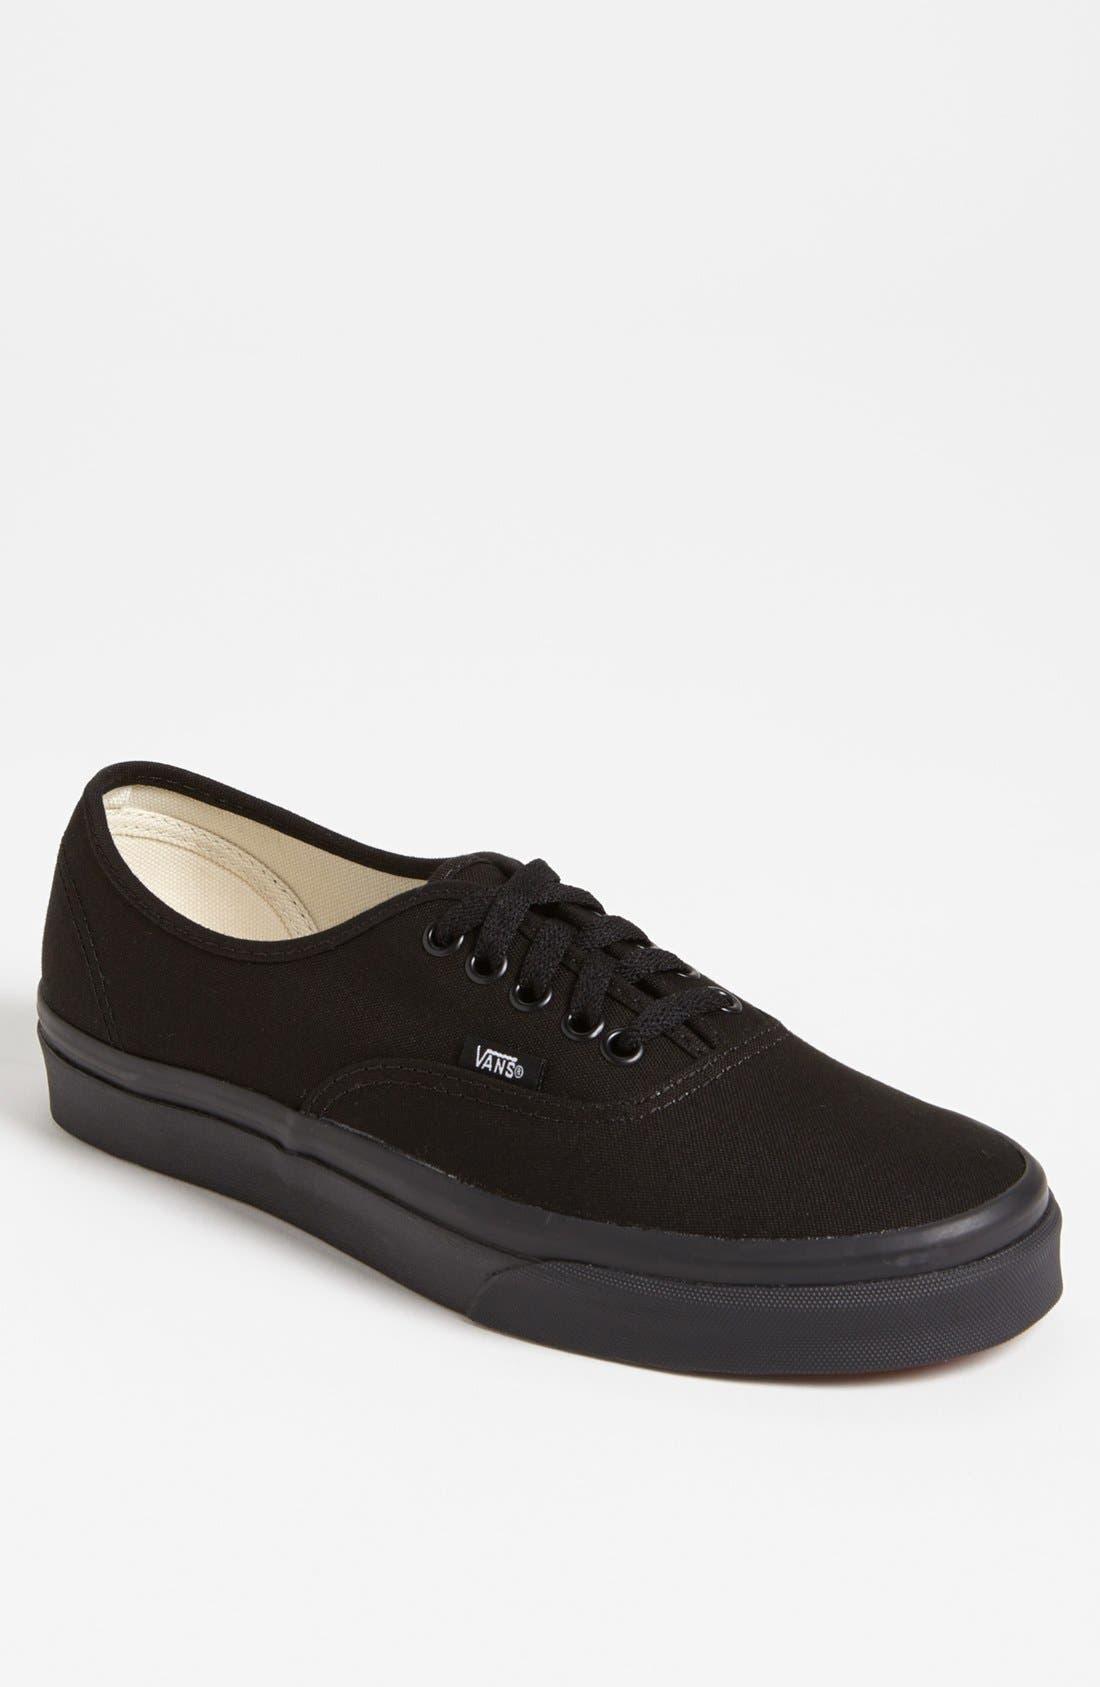 black vans shoes men